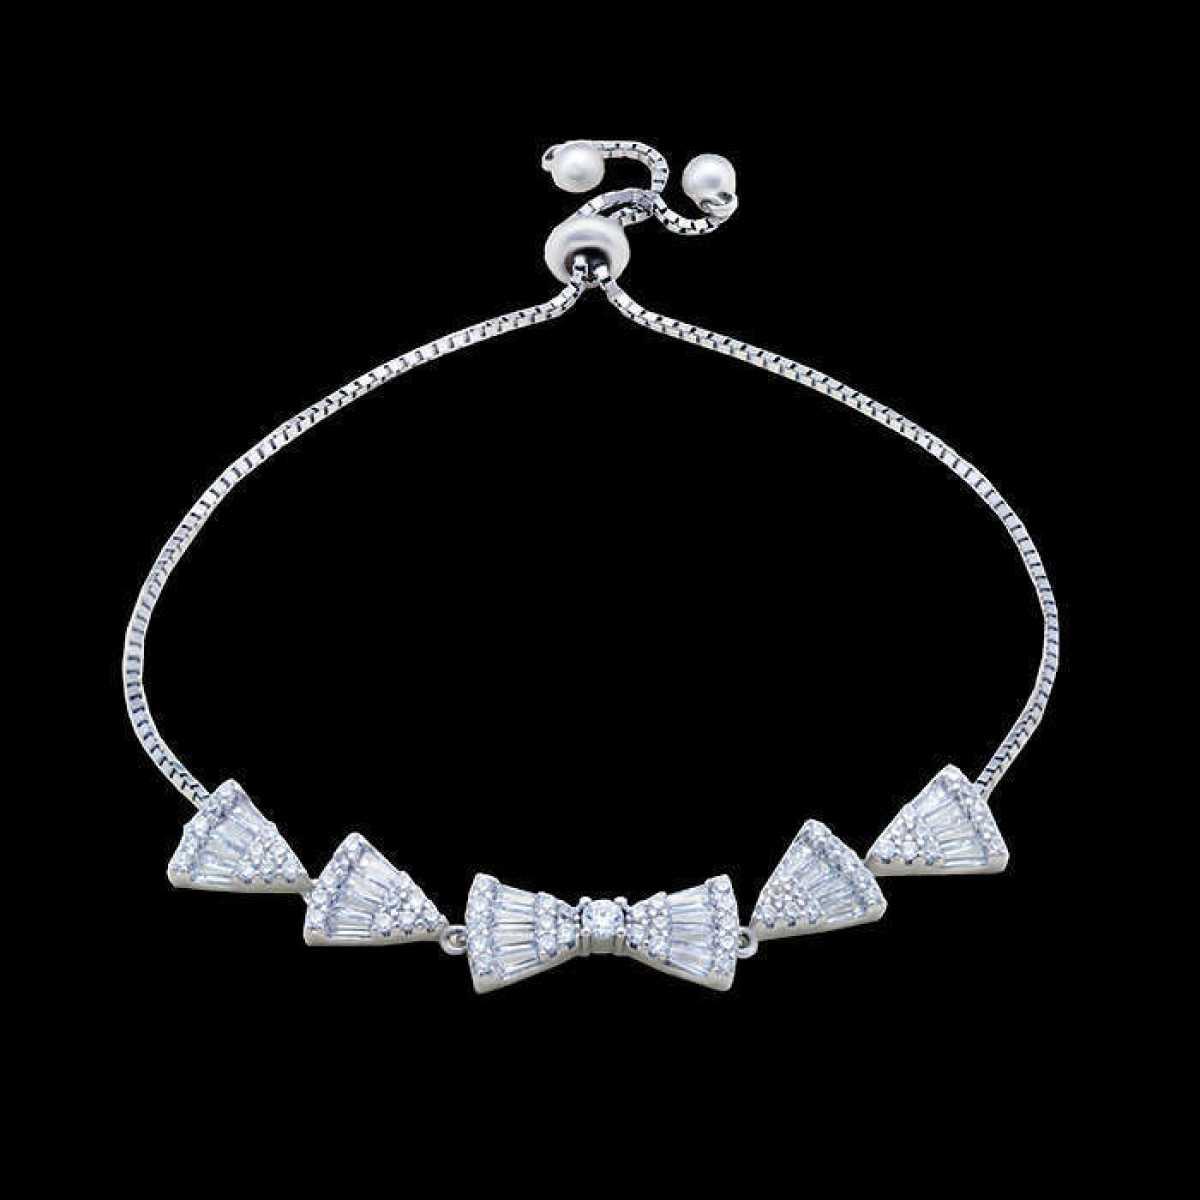 Triangle With Baw Diamond Bracelet